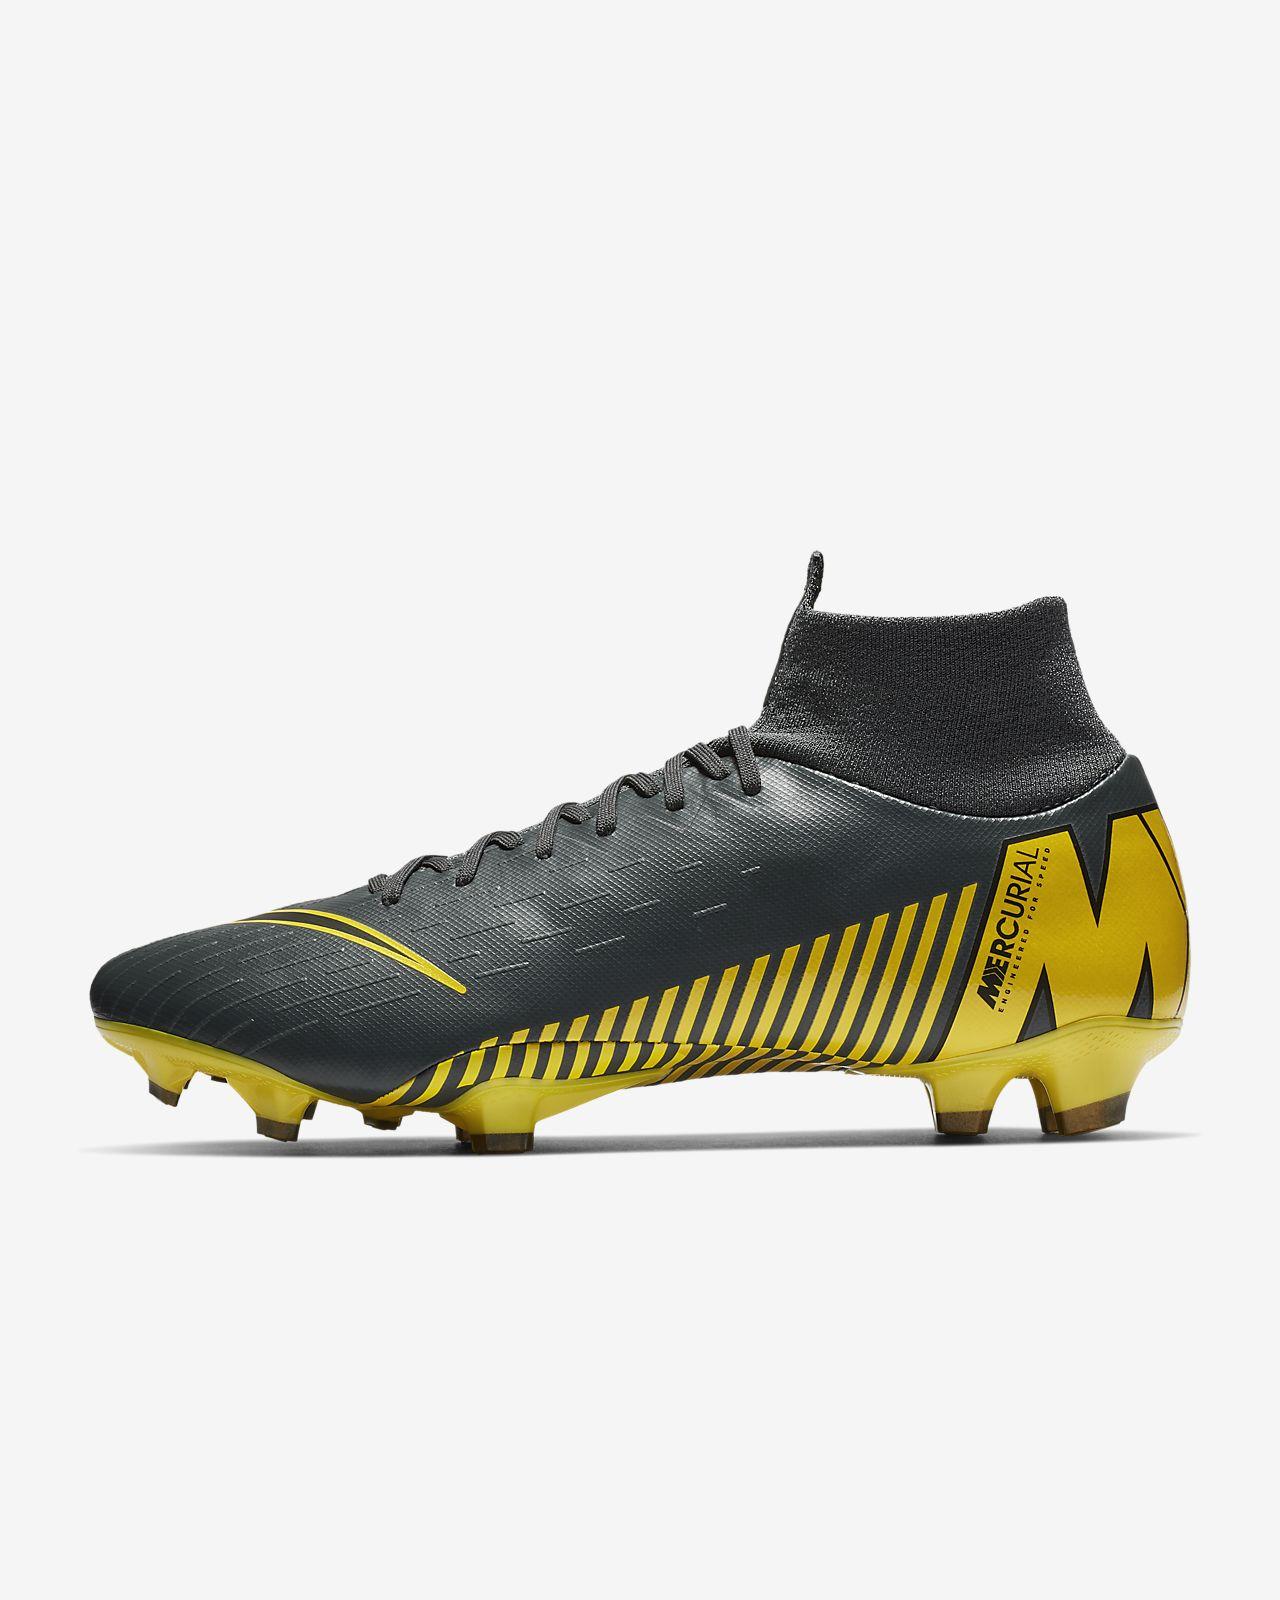 Da Nike Fg Duri 6 Pro Terreni Calcio Scarpa Per Superfly 4wZcgq6qF